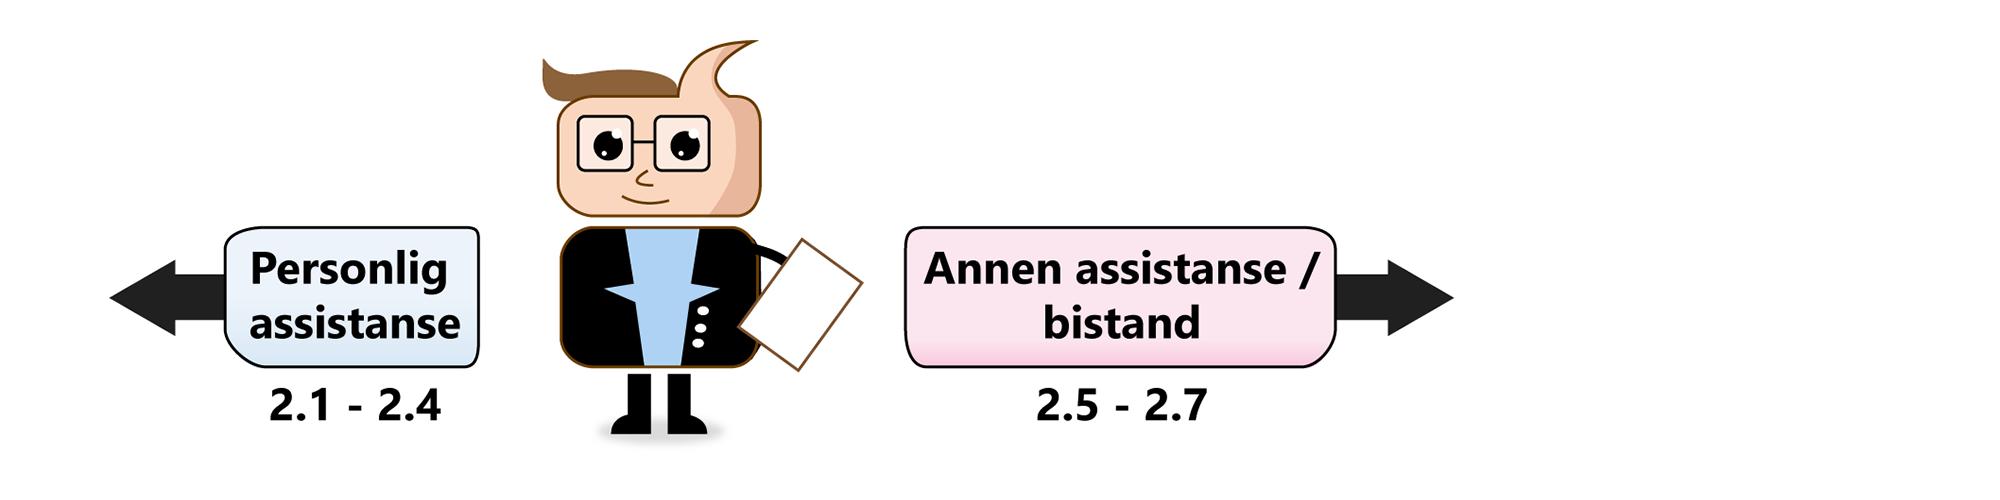 Illustrasjon til del 2 - Snakk om BPA Saksbehandler gir veiledning om hva som er personlig assistanse og hva som er annen bistand.